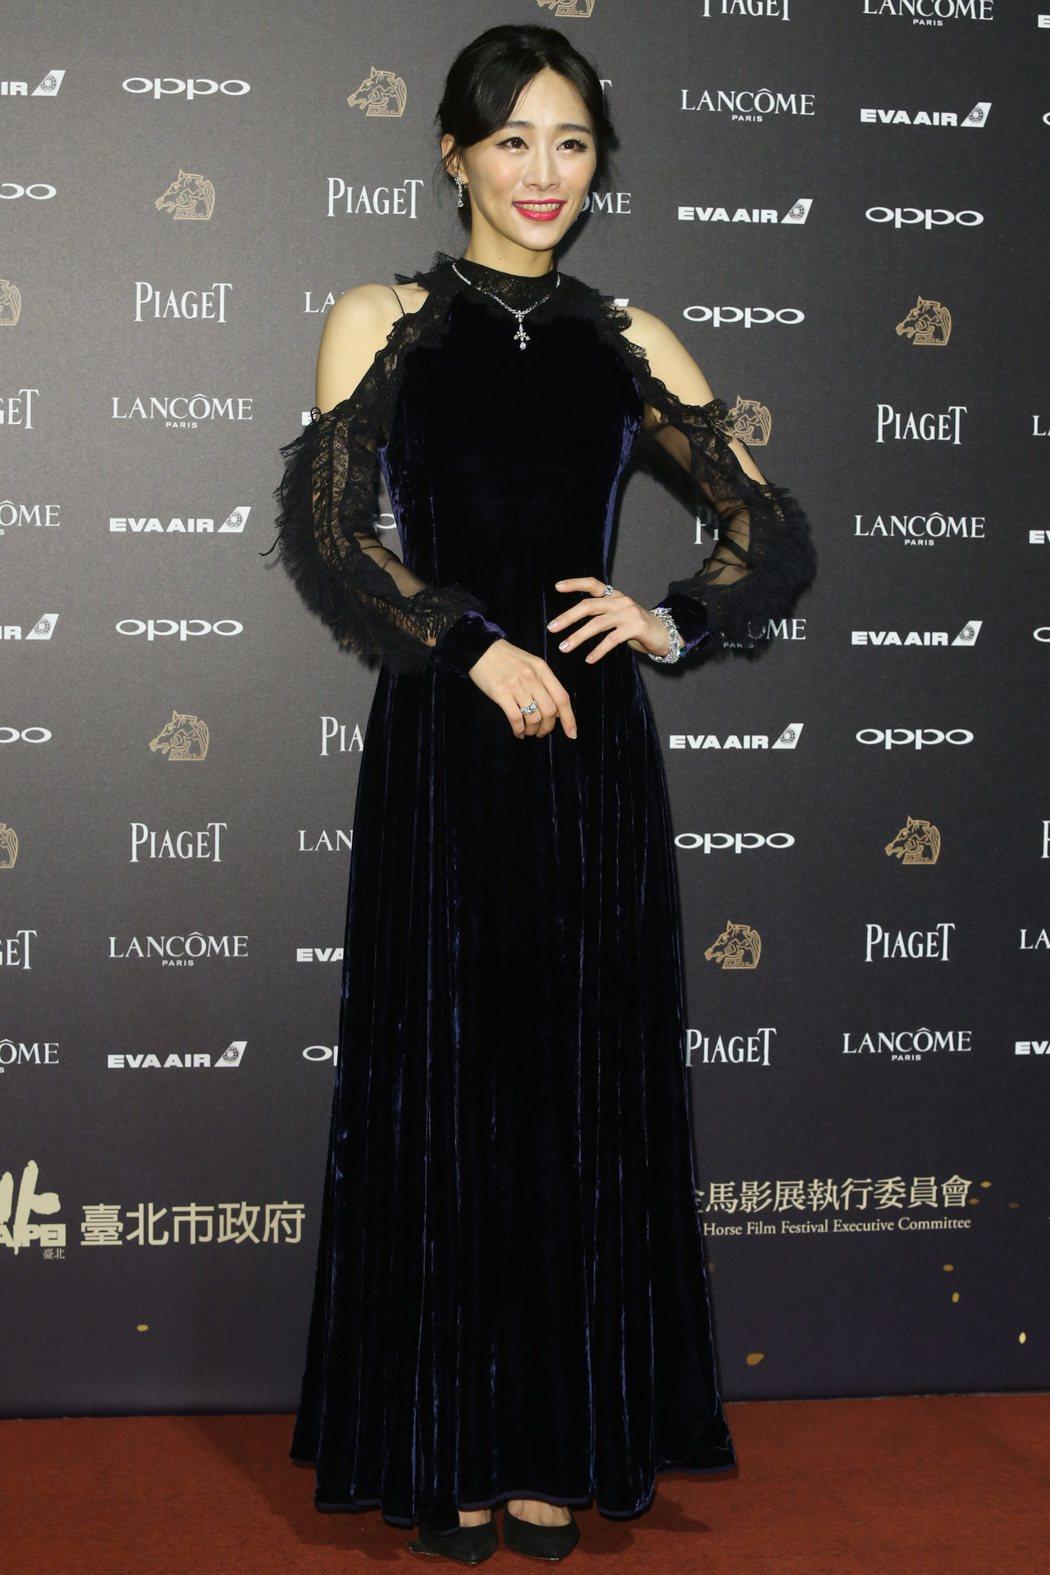 第五十四屆金馬獎,電影血觀音演員吳可熙走紅毯。記者林俊良/攝影